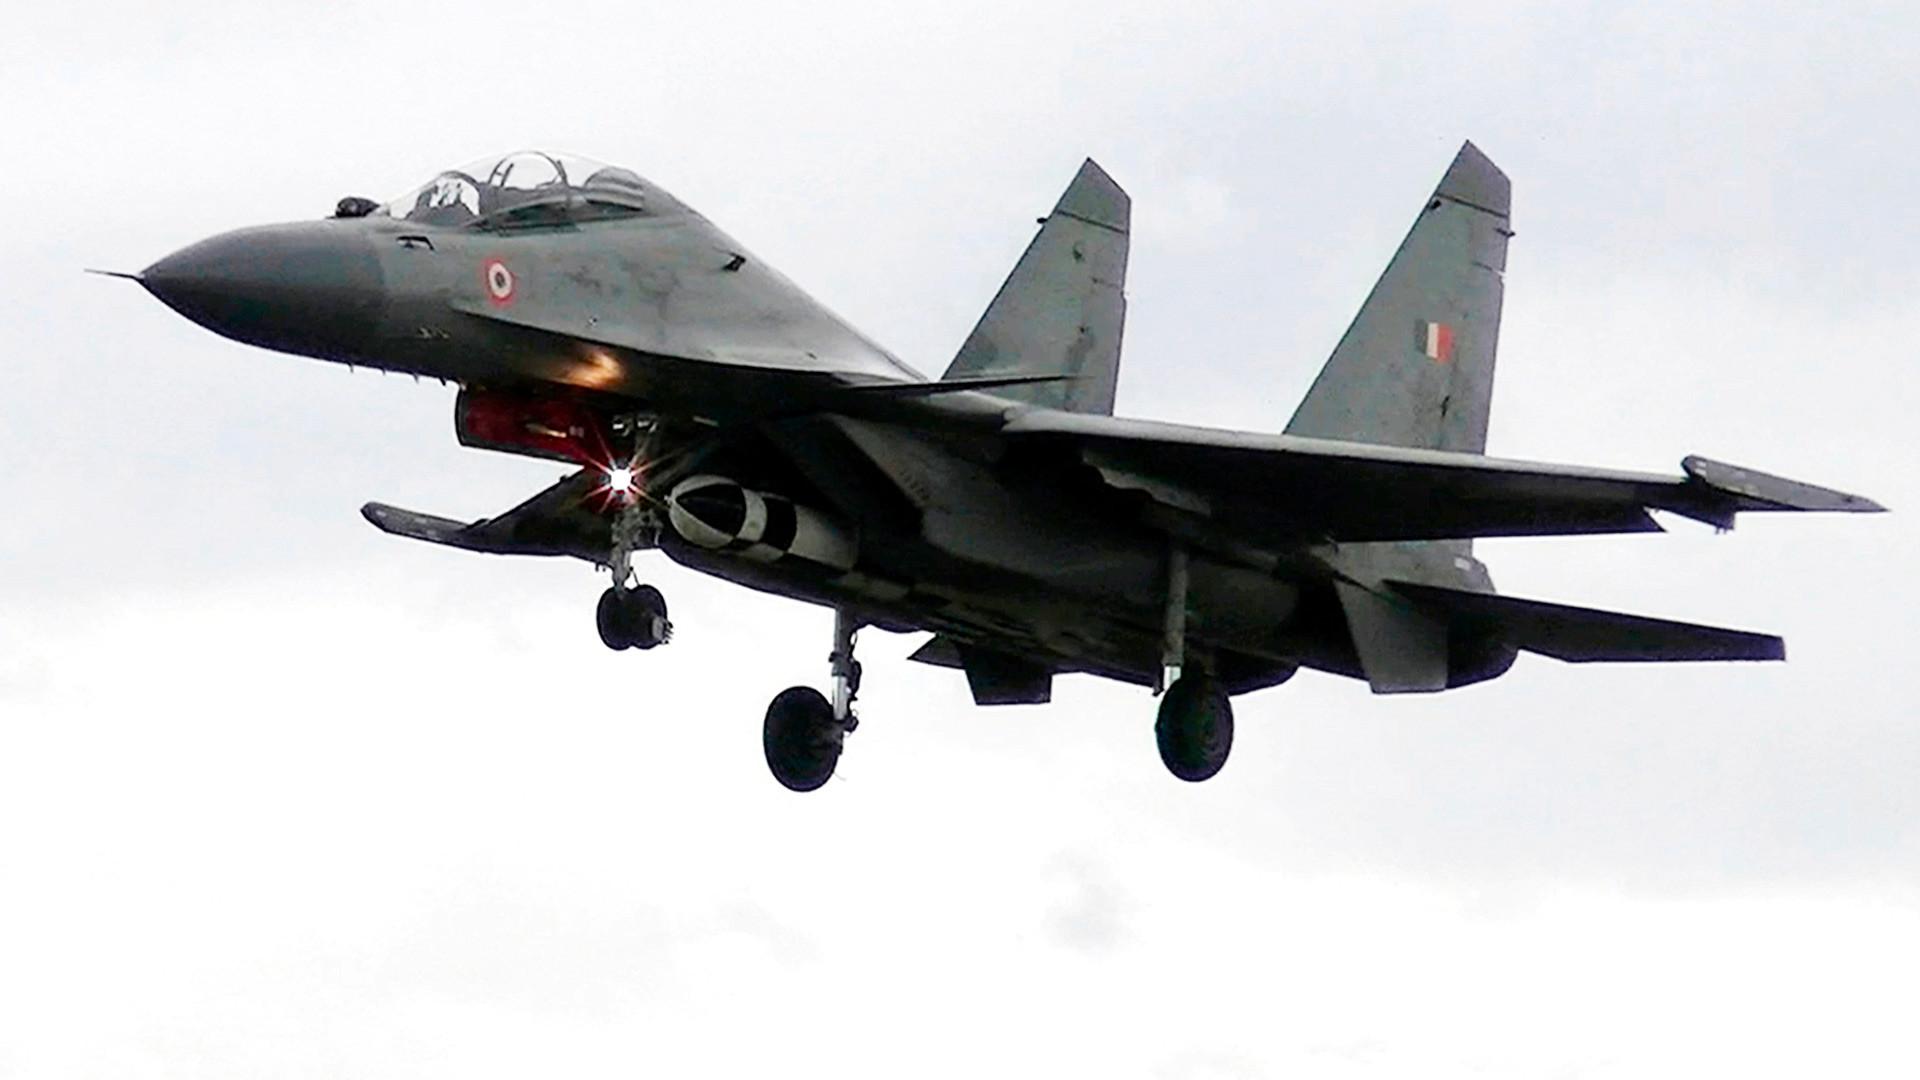 Esta foto publicada por la Fuerza Aérea de la India en mayo de 2019, muestra un caza ruso Su-30MKI que lleva un misil de crucero aire-tierra BrahMos.